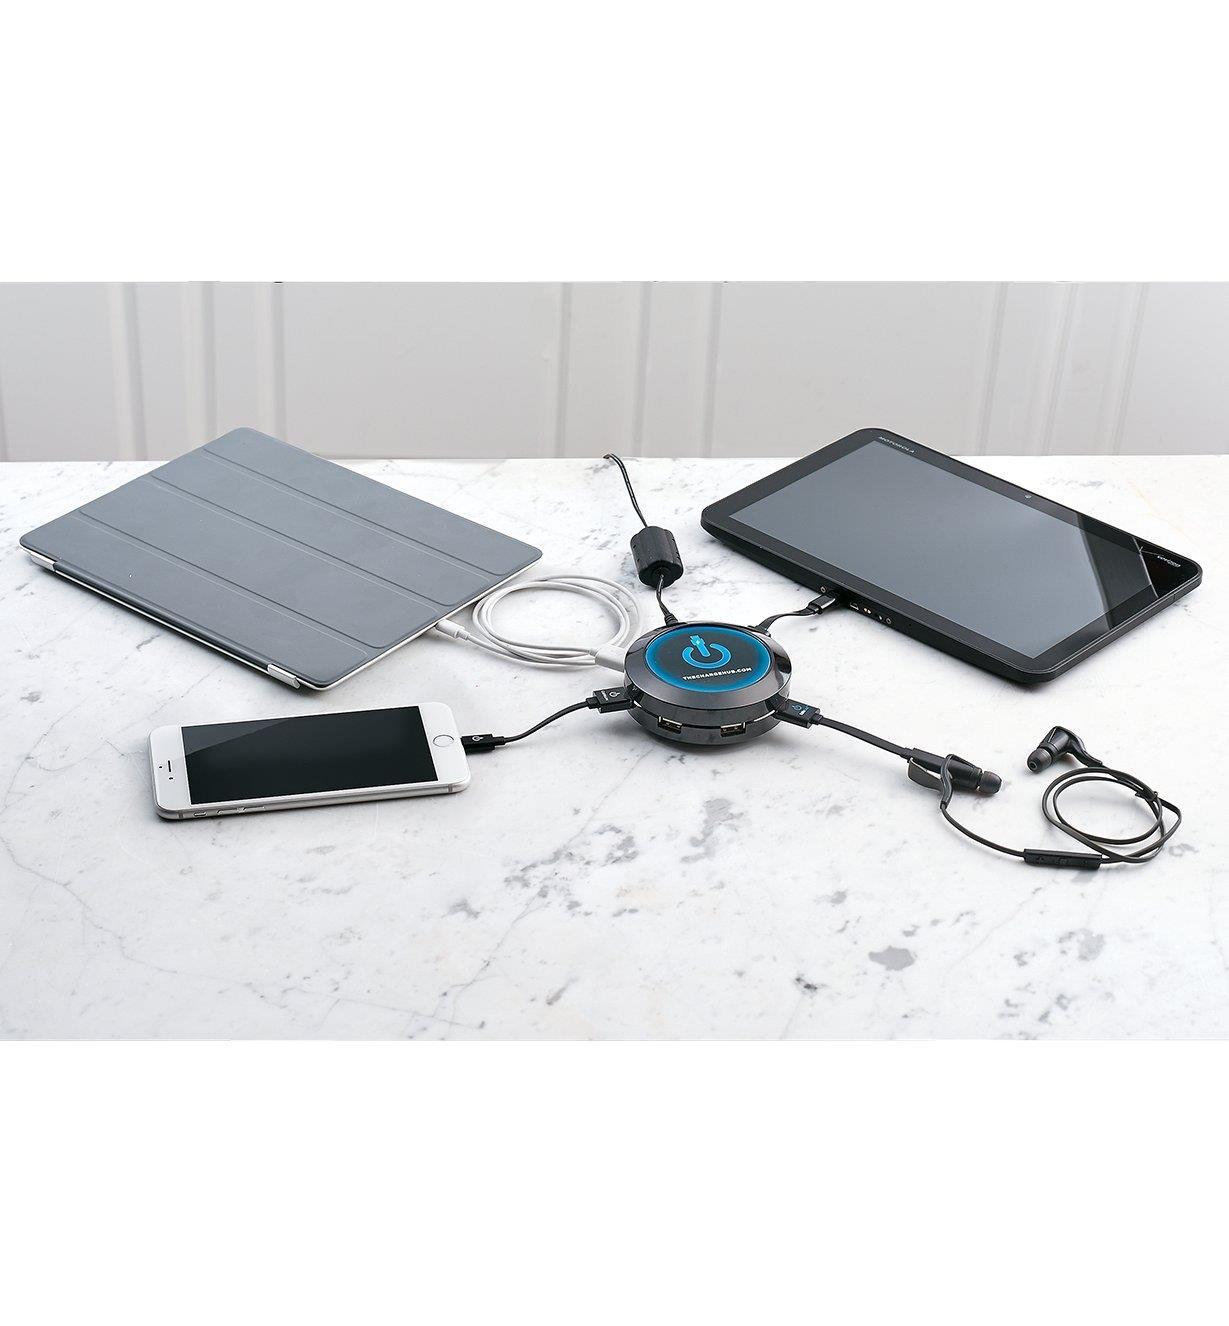 Ordinateur portable, tablette, écouteurs sans fil et téléphone cellulaire connectés à la station de recharge posée sur un comptoir en marbre